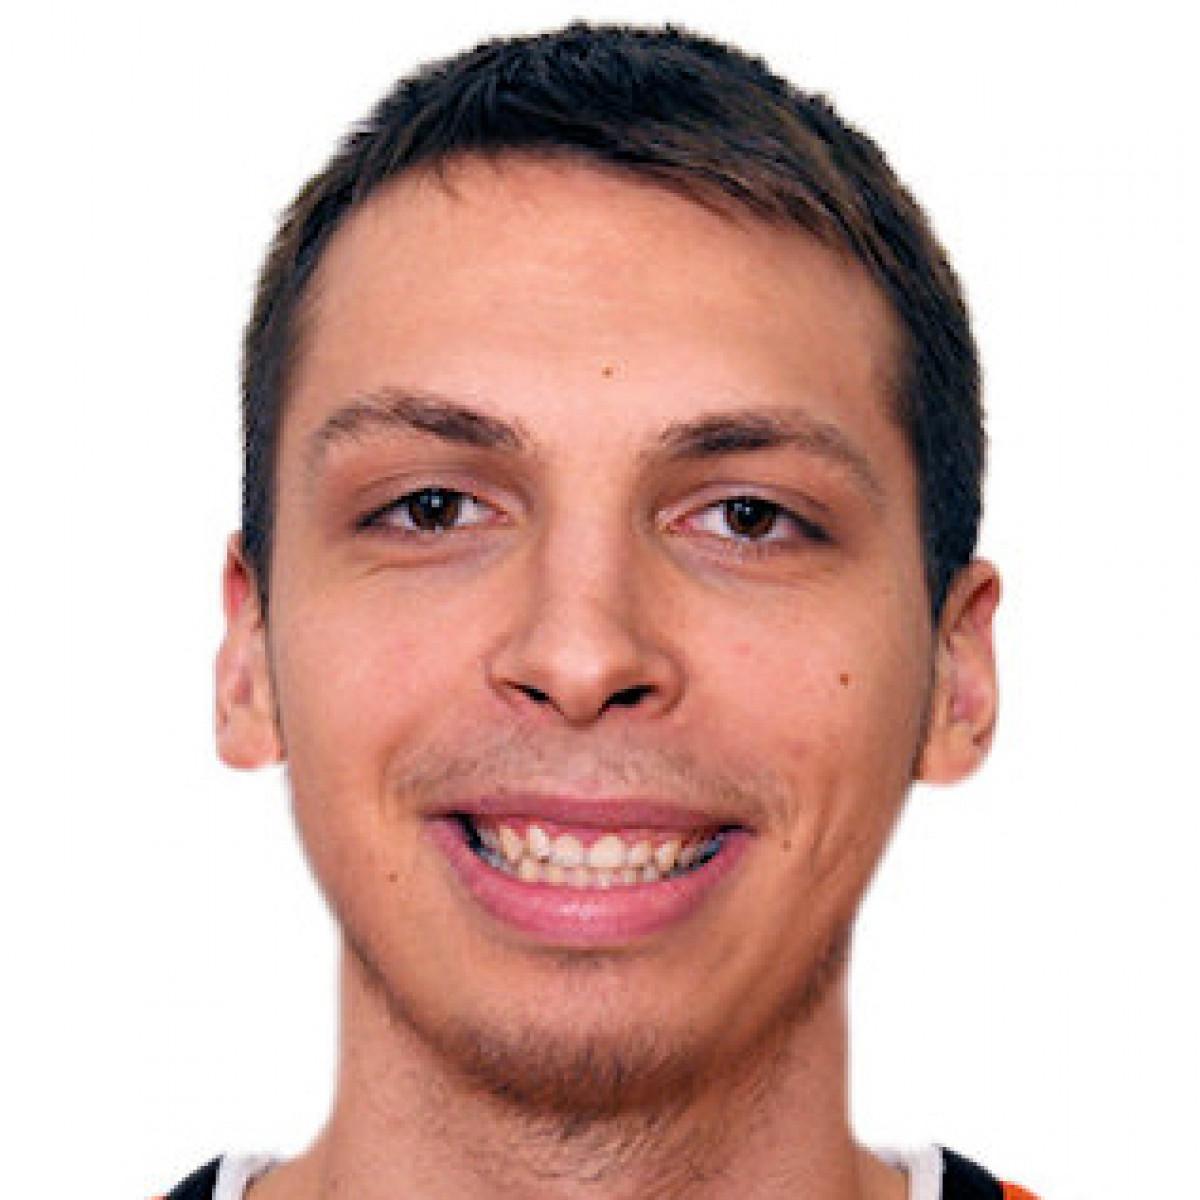 Karlo Lukacic